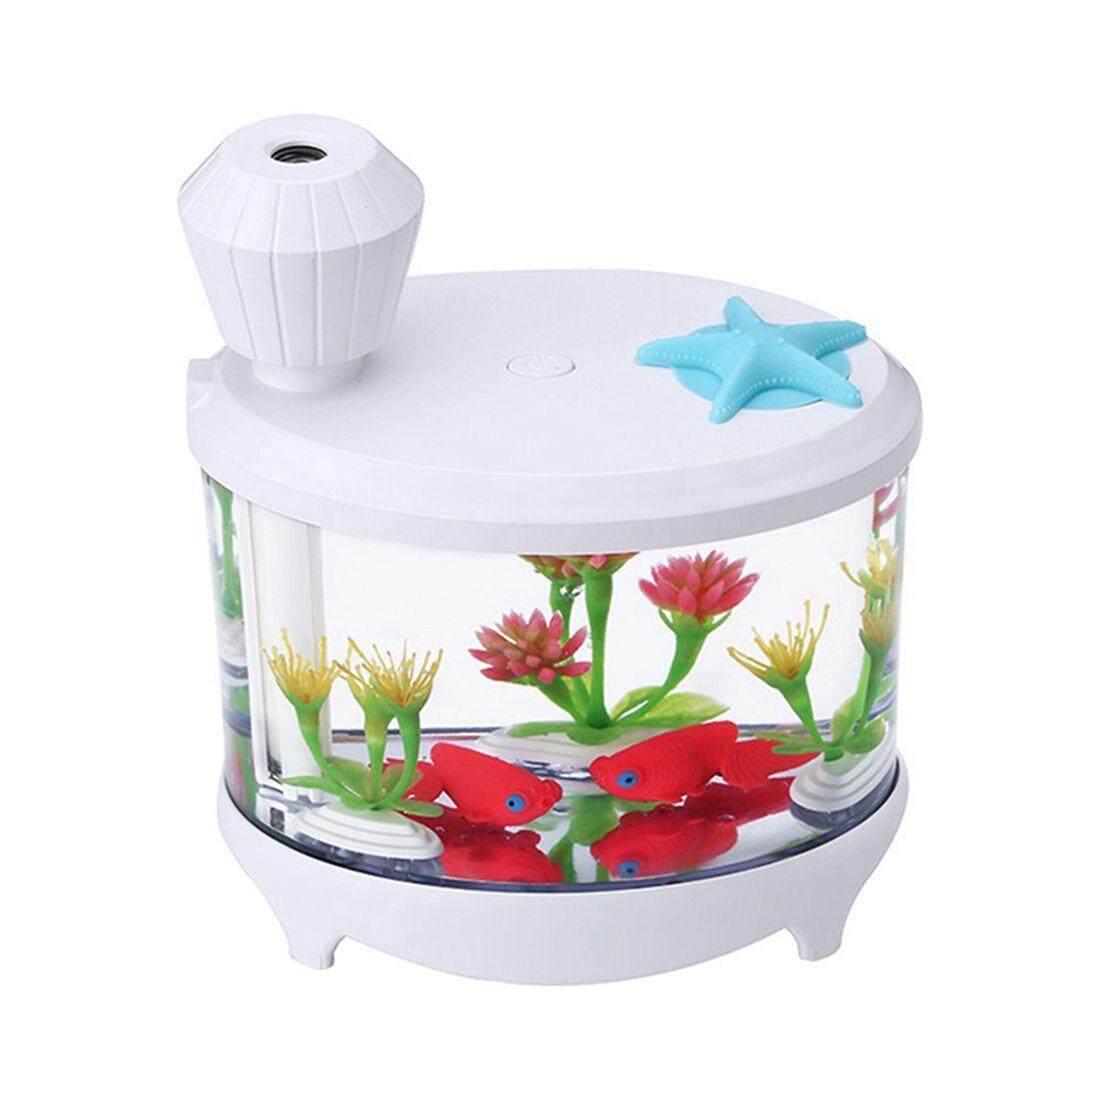 Creative crystal transparent fish tank aquarium lamp mini home air purifier USB humidifier white